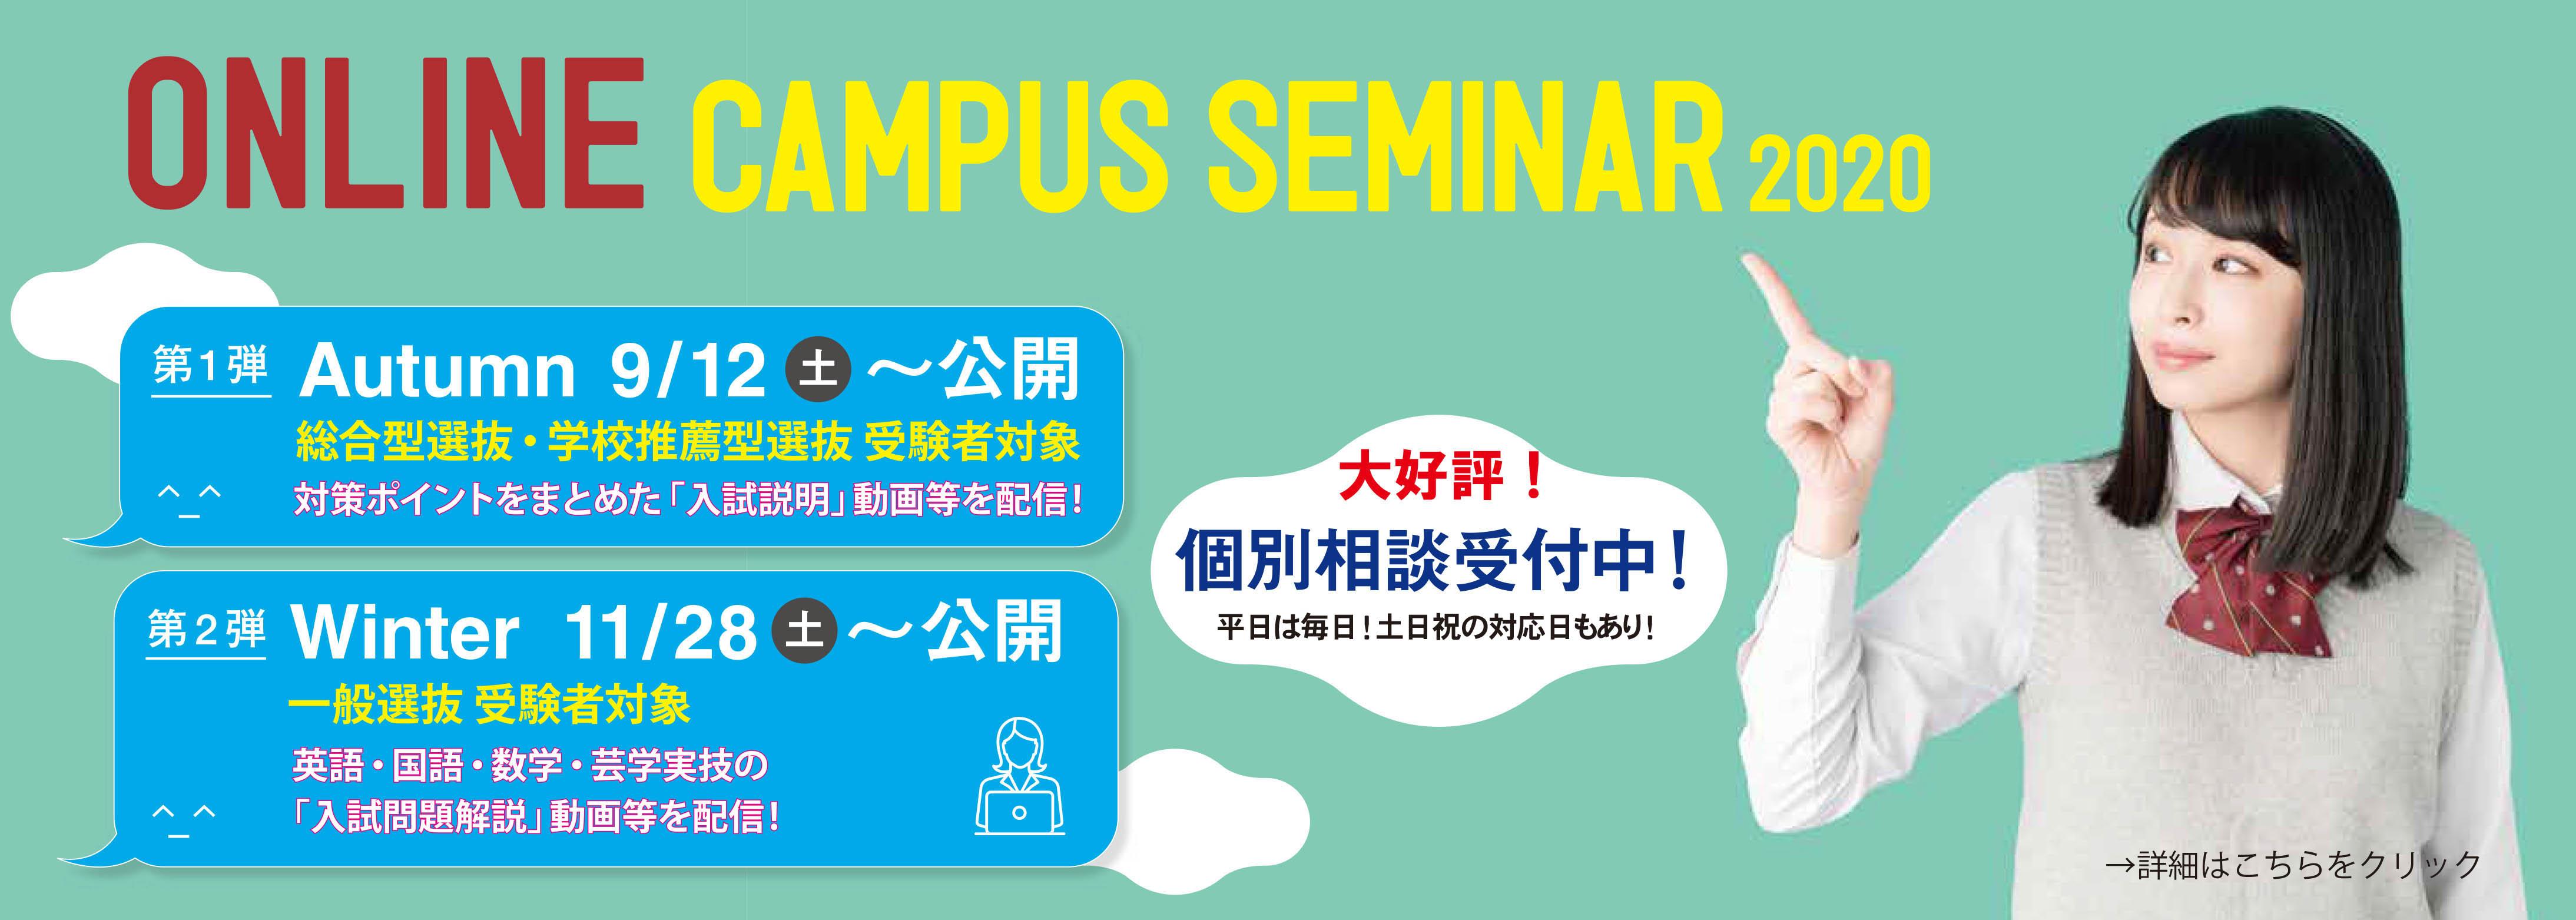 オンラインキャンパスセミナー